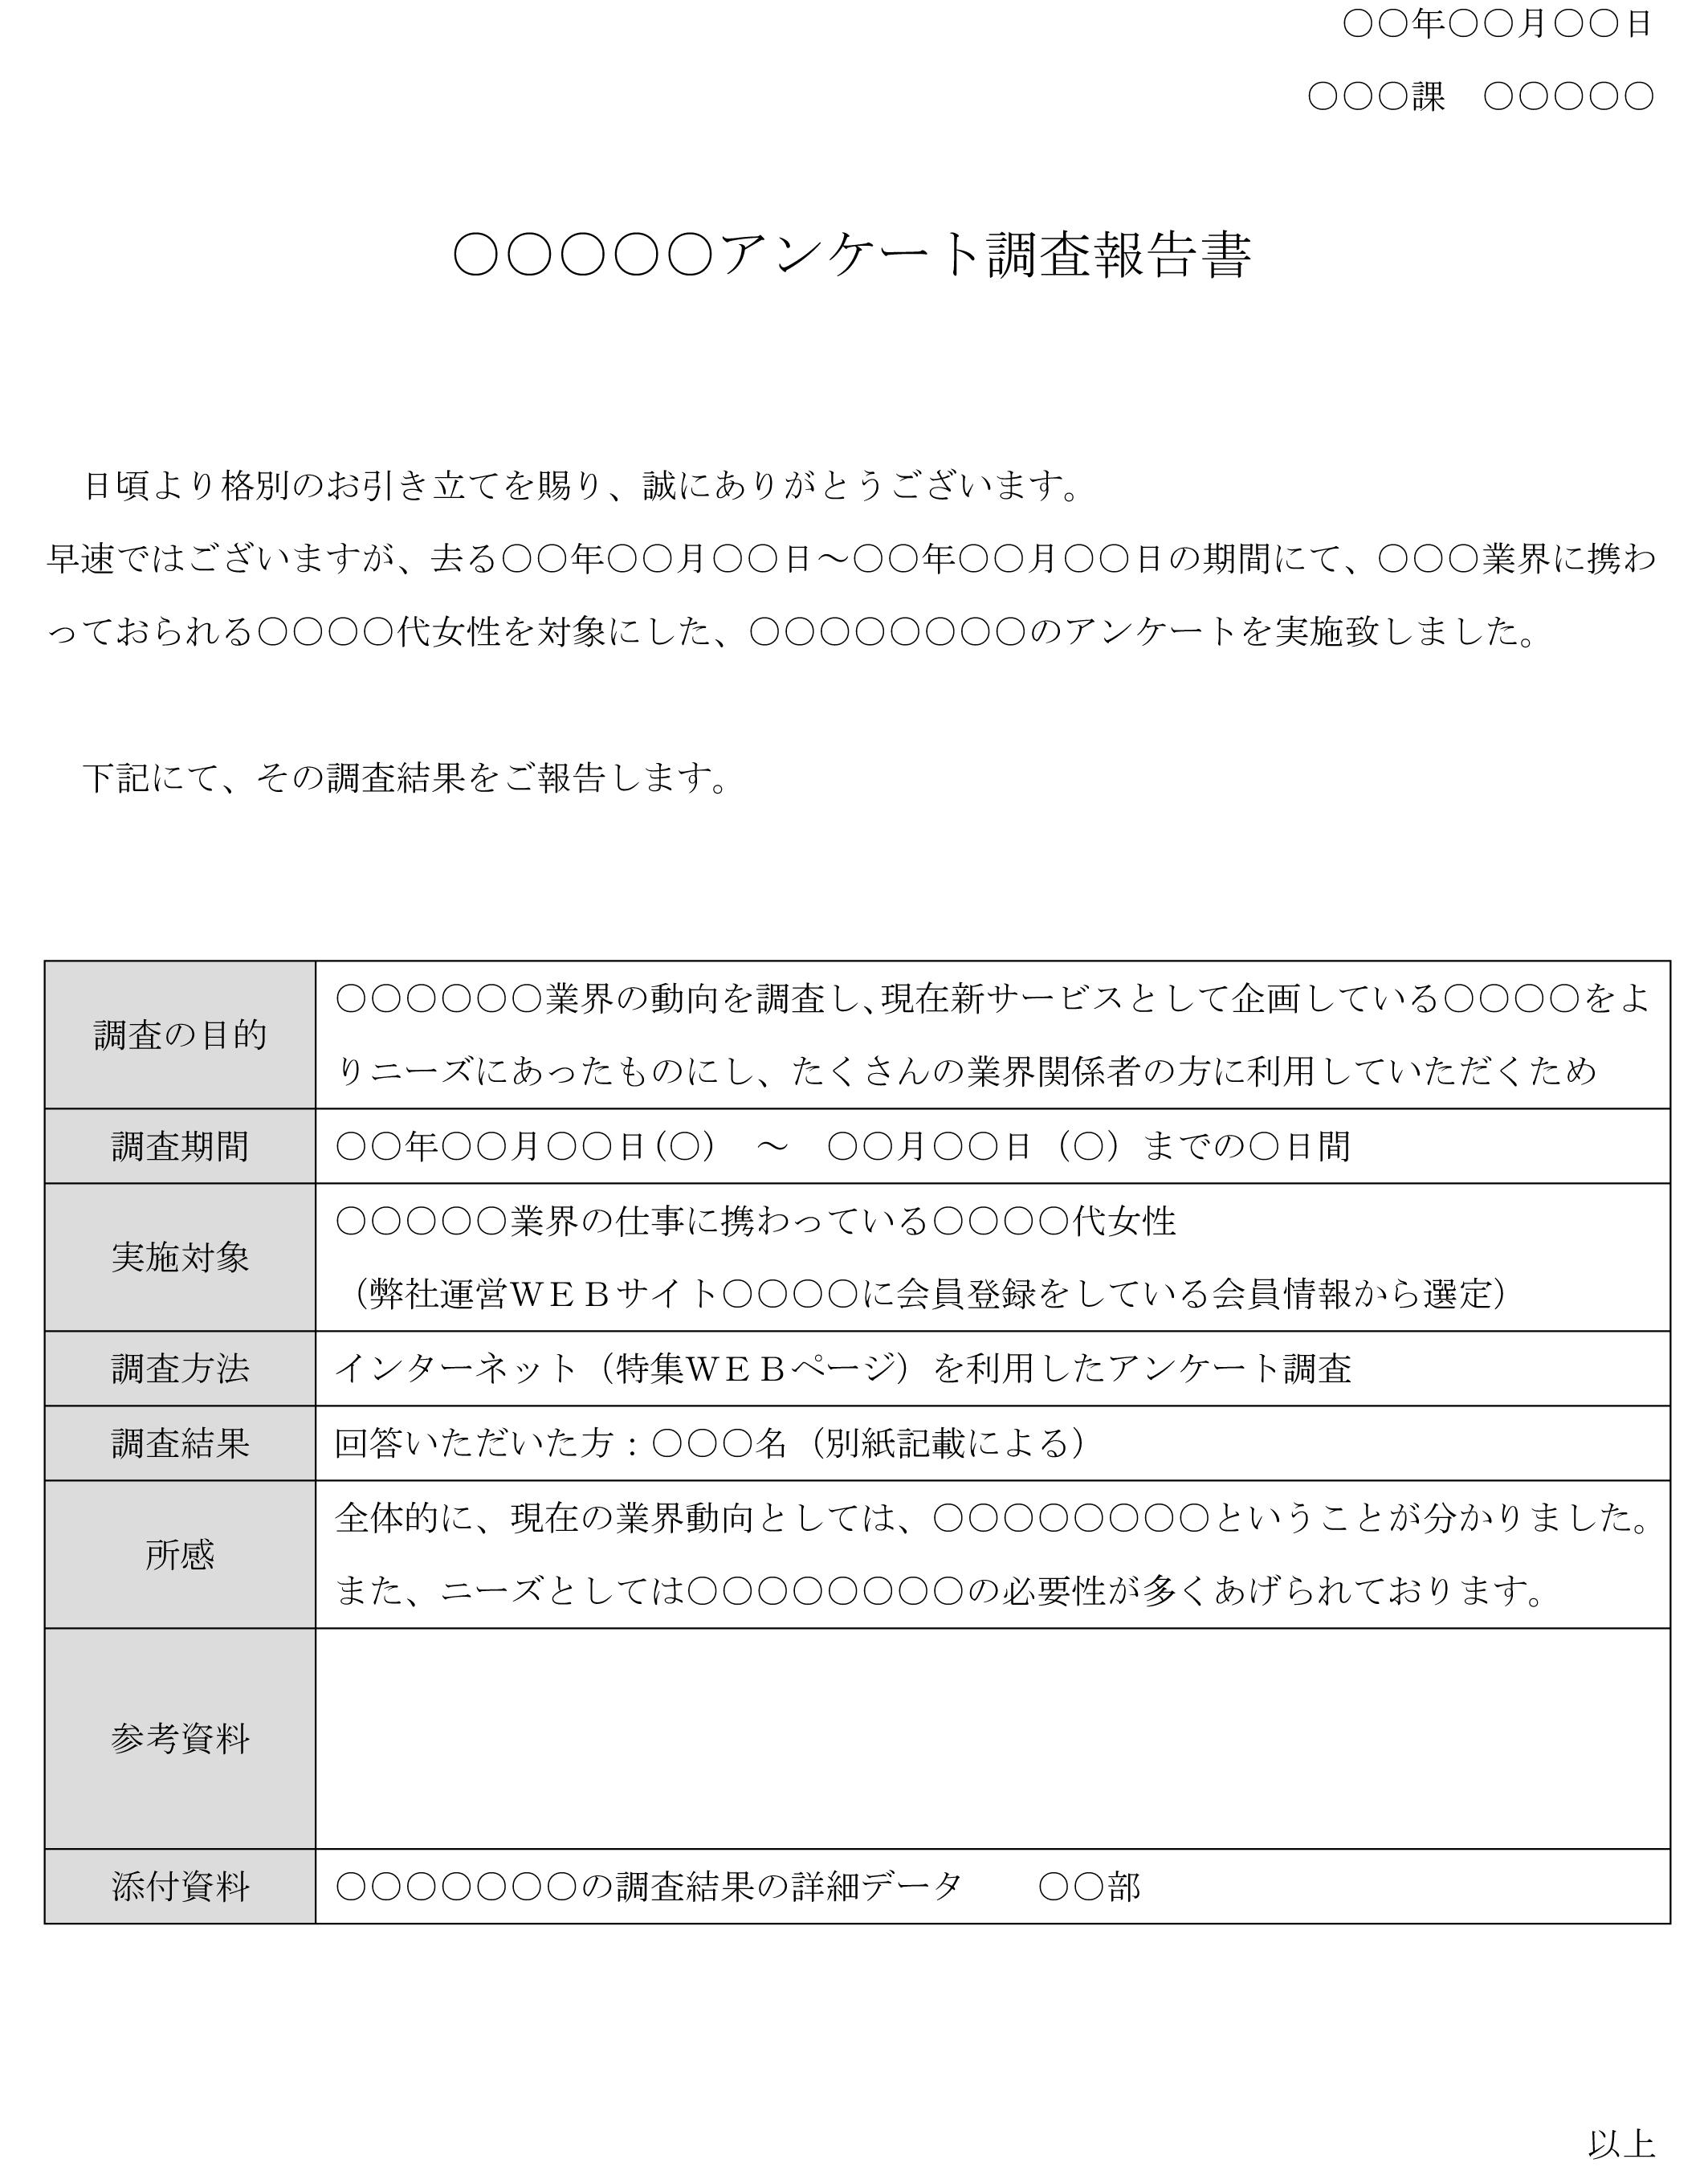 アンケート調査報告書01